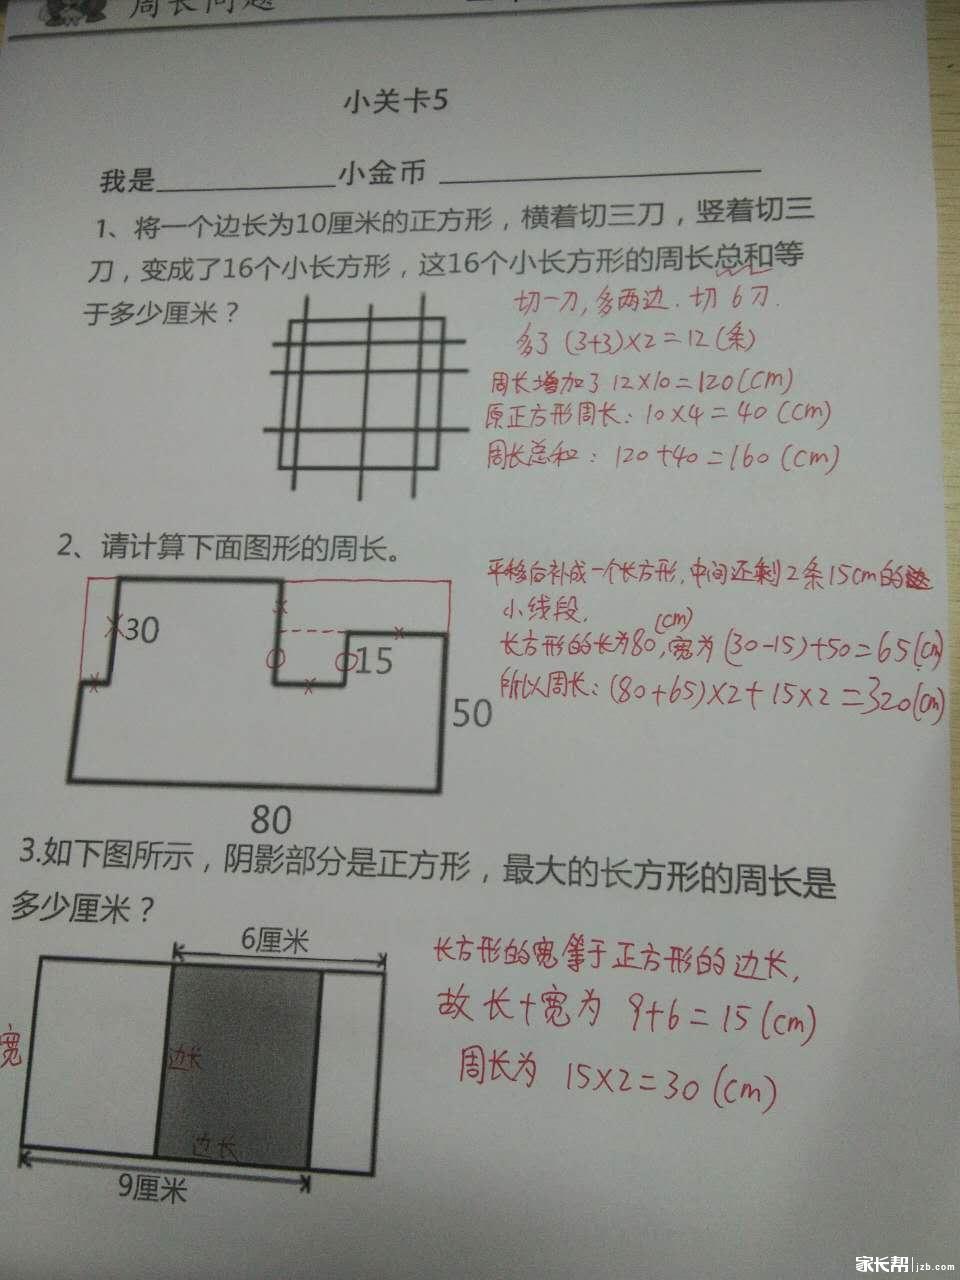 周长问题小关卡5 解析.jpg